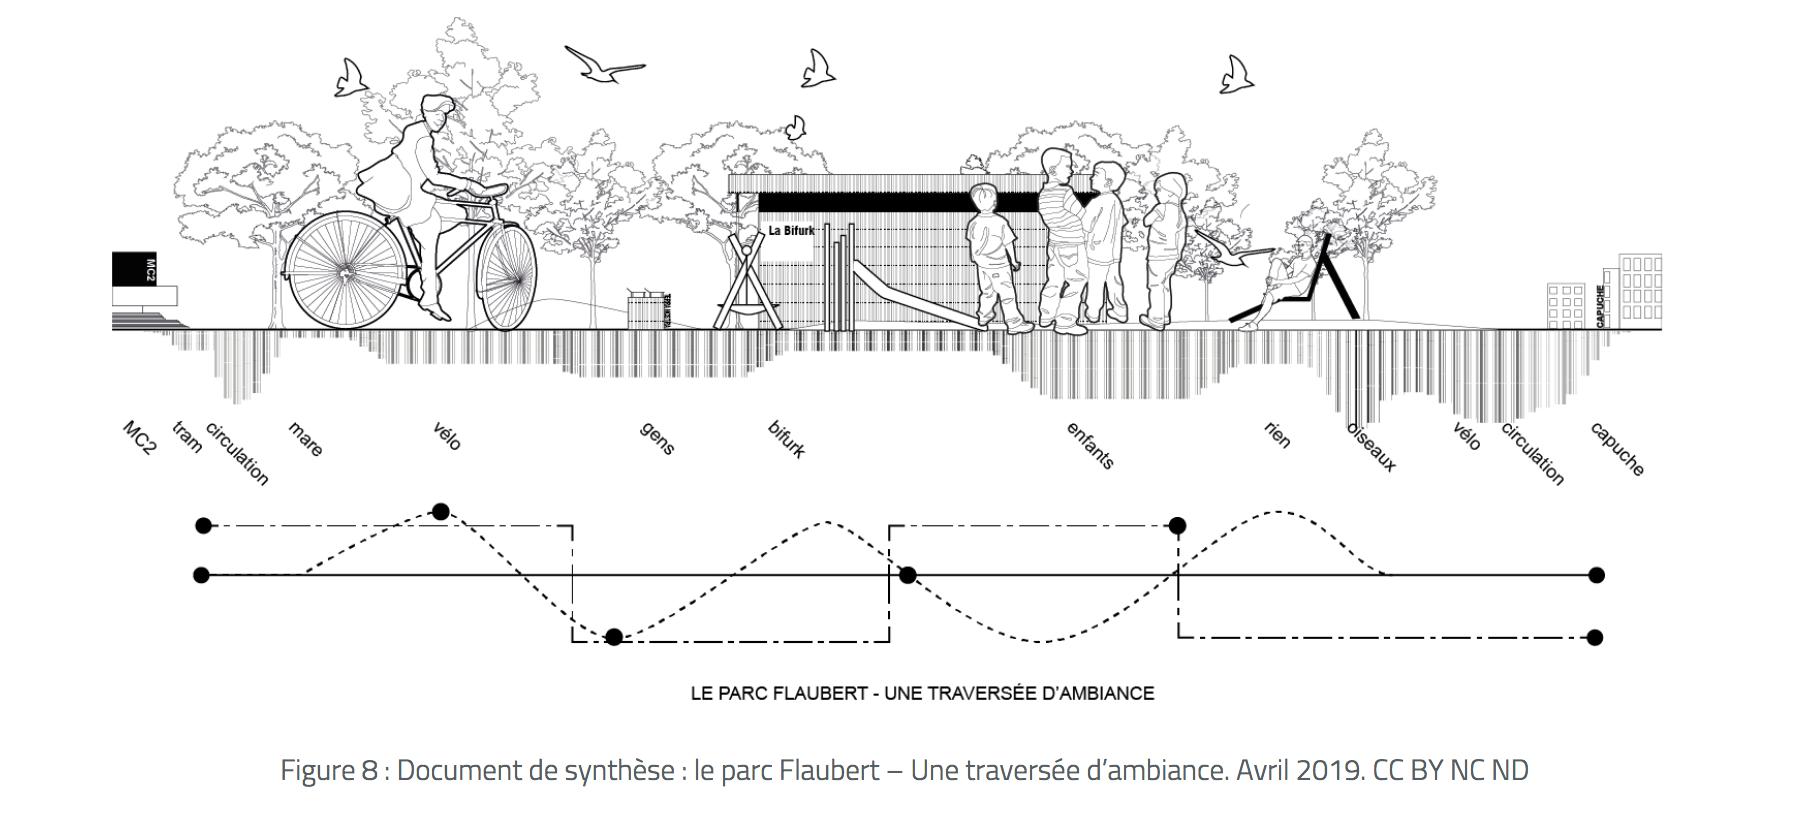 Document de synthèse : le parc Flaubert – Une traversée d'ambiance. Avril 2019. CC BY NC ND